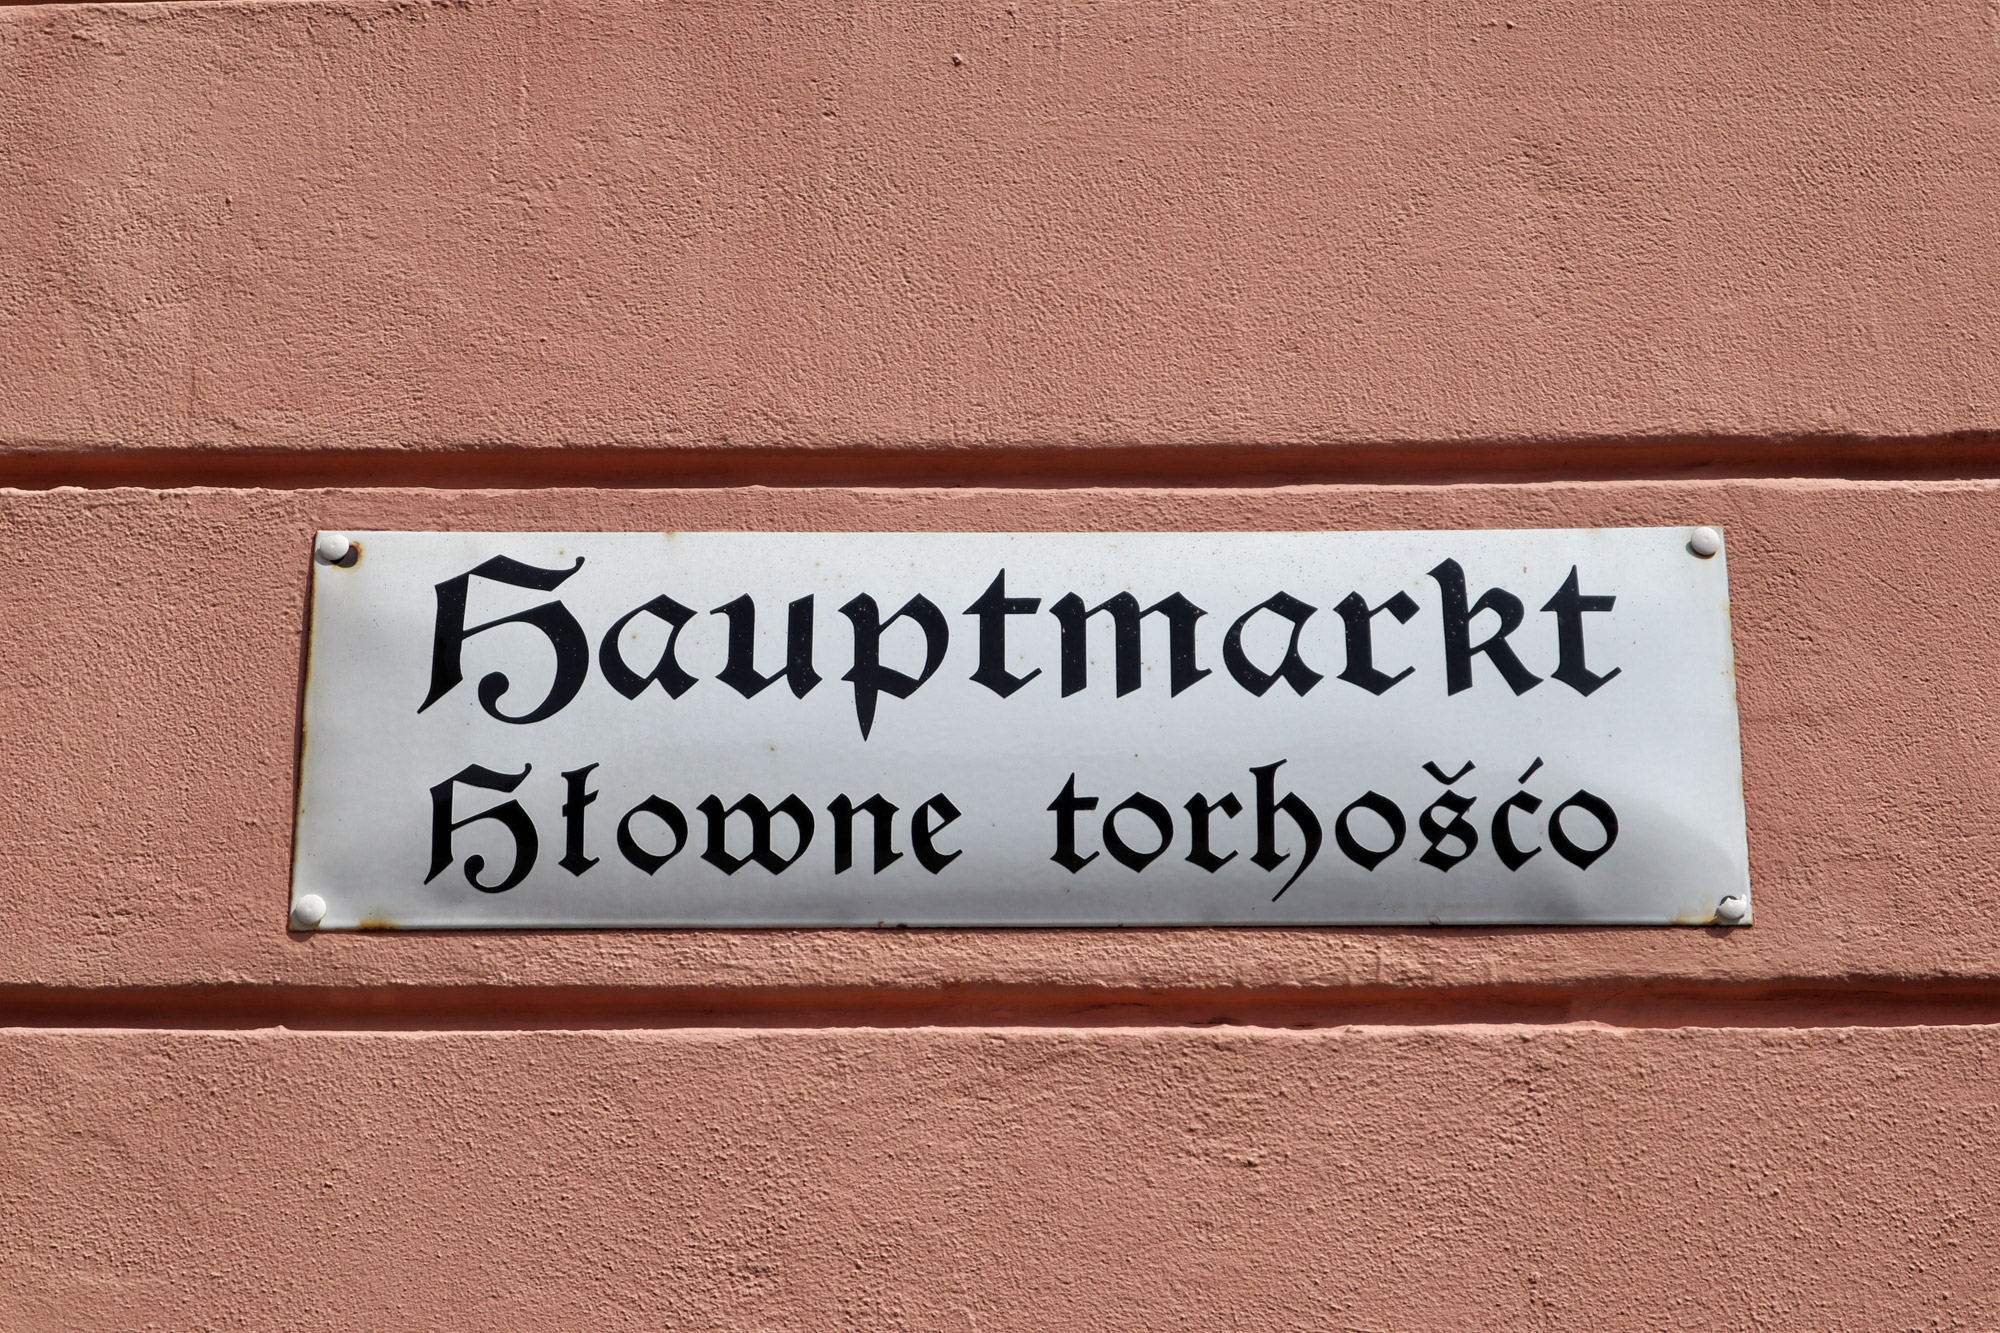 Bautzen - Sorbische teksten